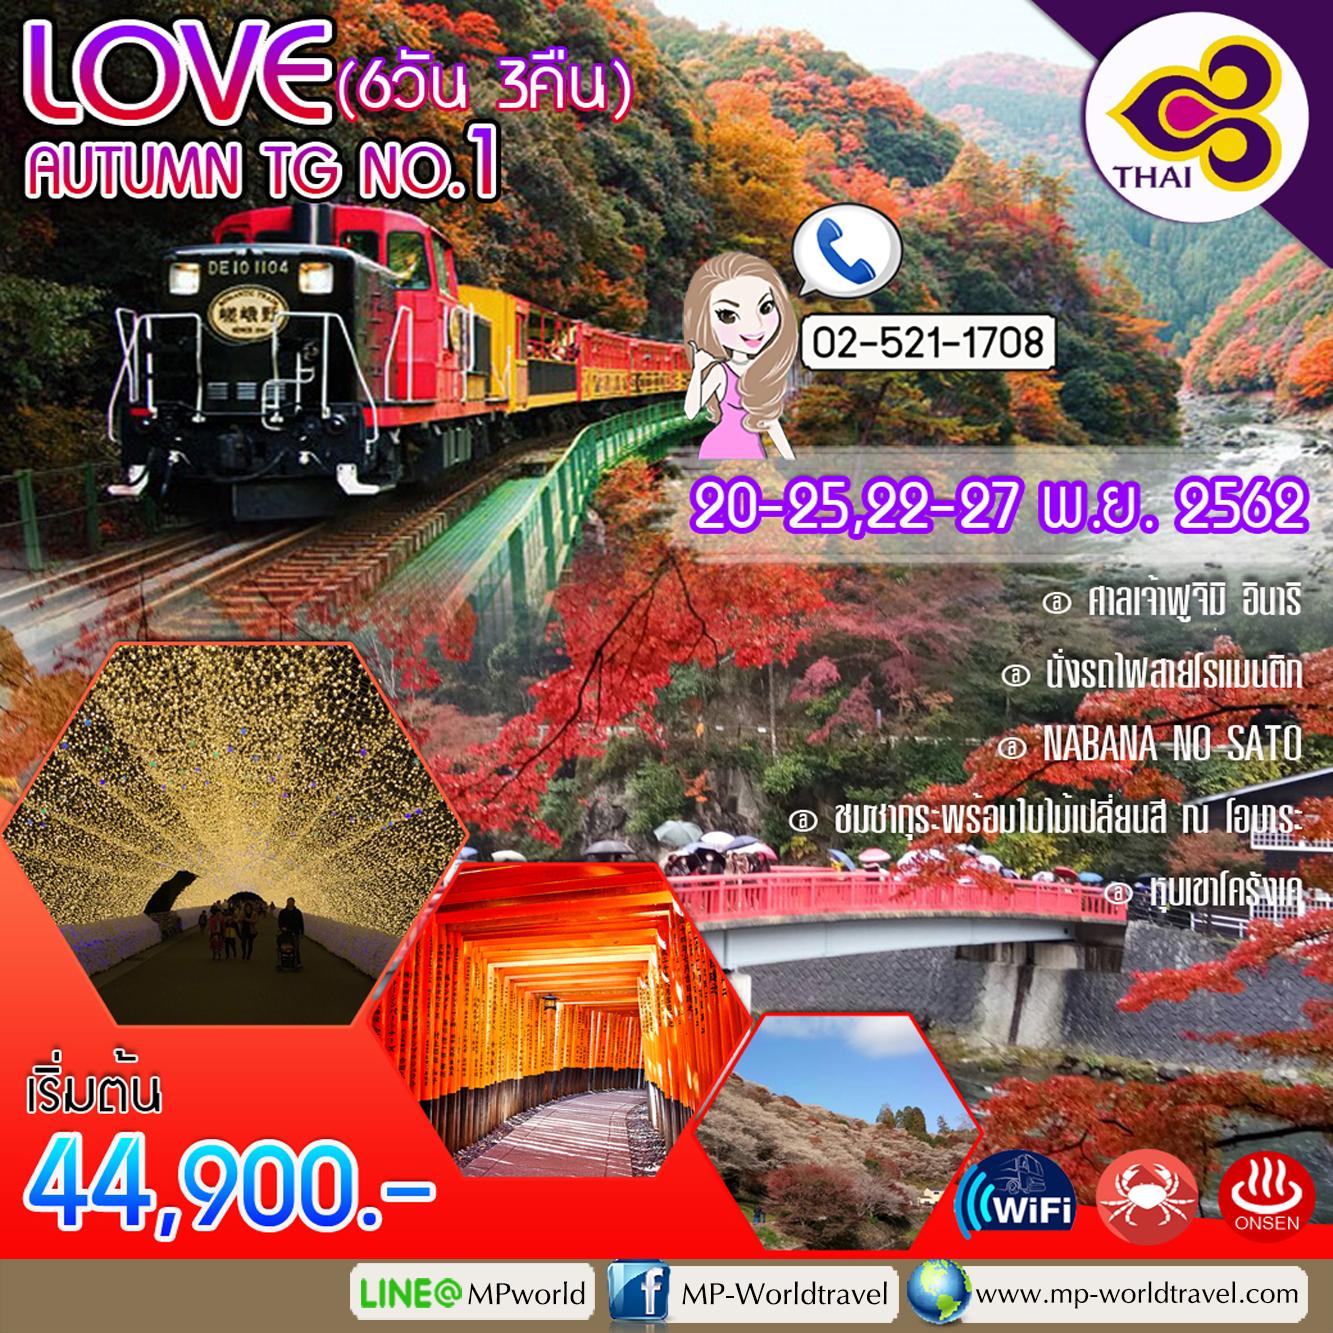 ทัวร์ญี่ปุ่น LOVE AUTUMN  อาราชิยาม่า-นารา-โอซาก้า-โอบาระ-โครังเค-ฟูจิ-ชมใบไม้เปลี่ยนสี _TG NO.1_KIX-HND _MM